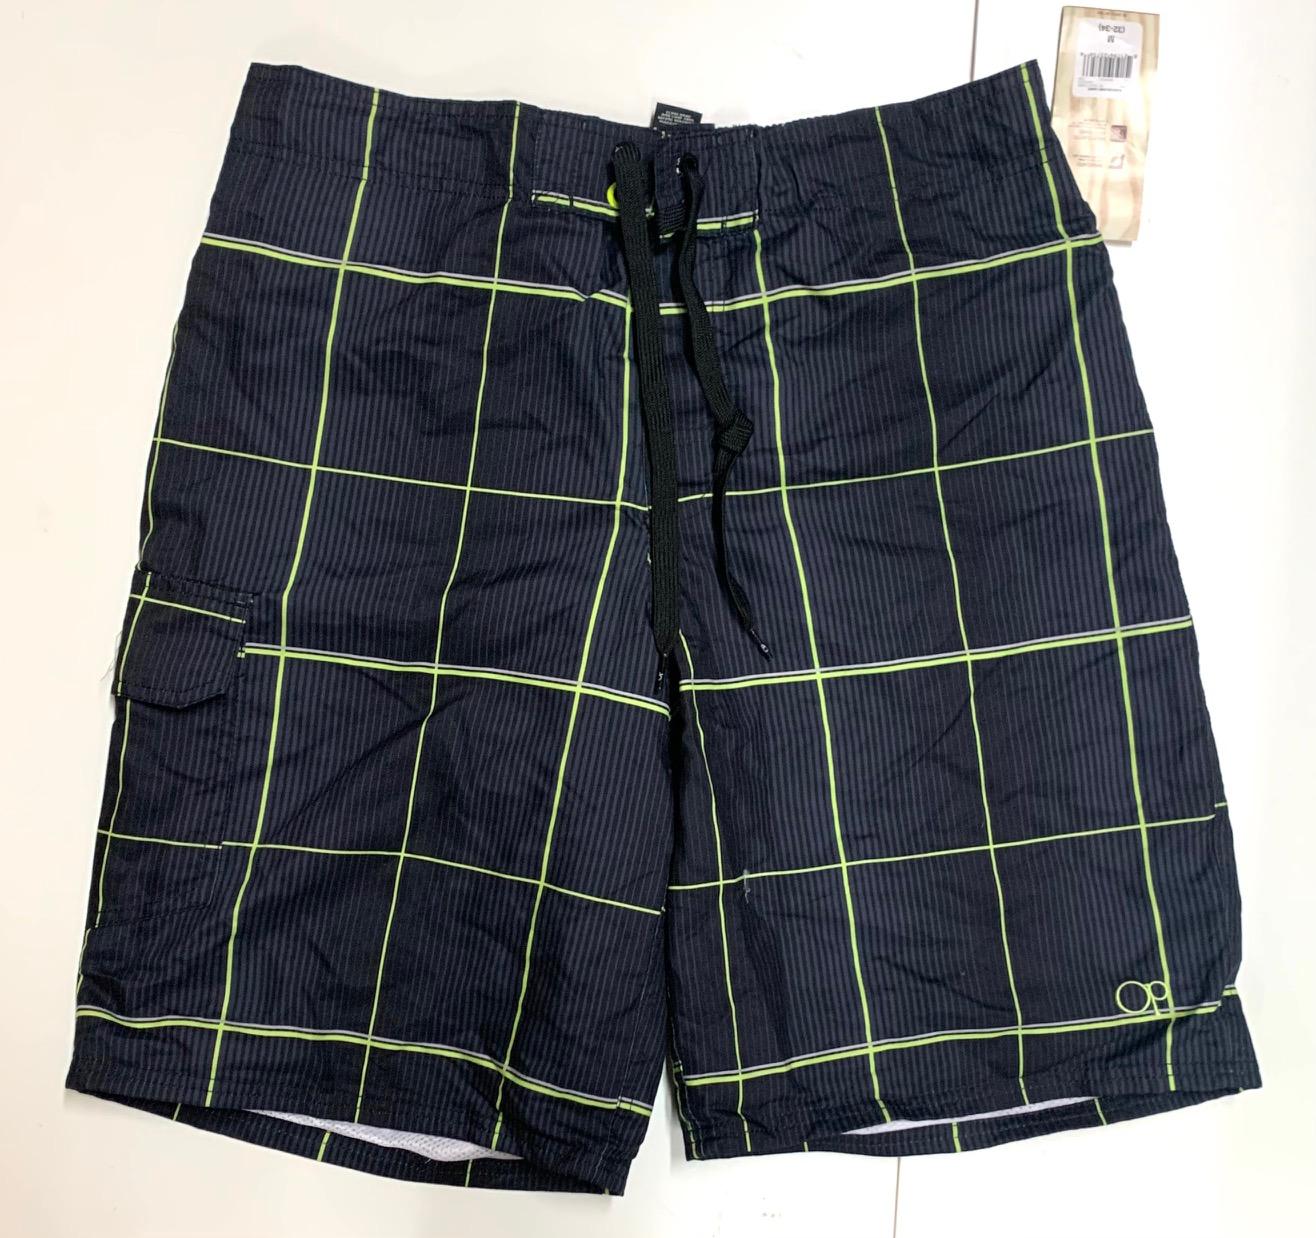 Мужские шорты для отпуска от бренда OP в клетку